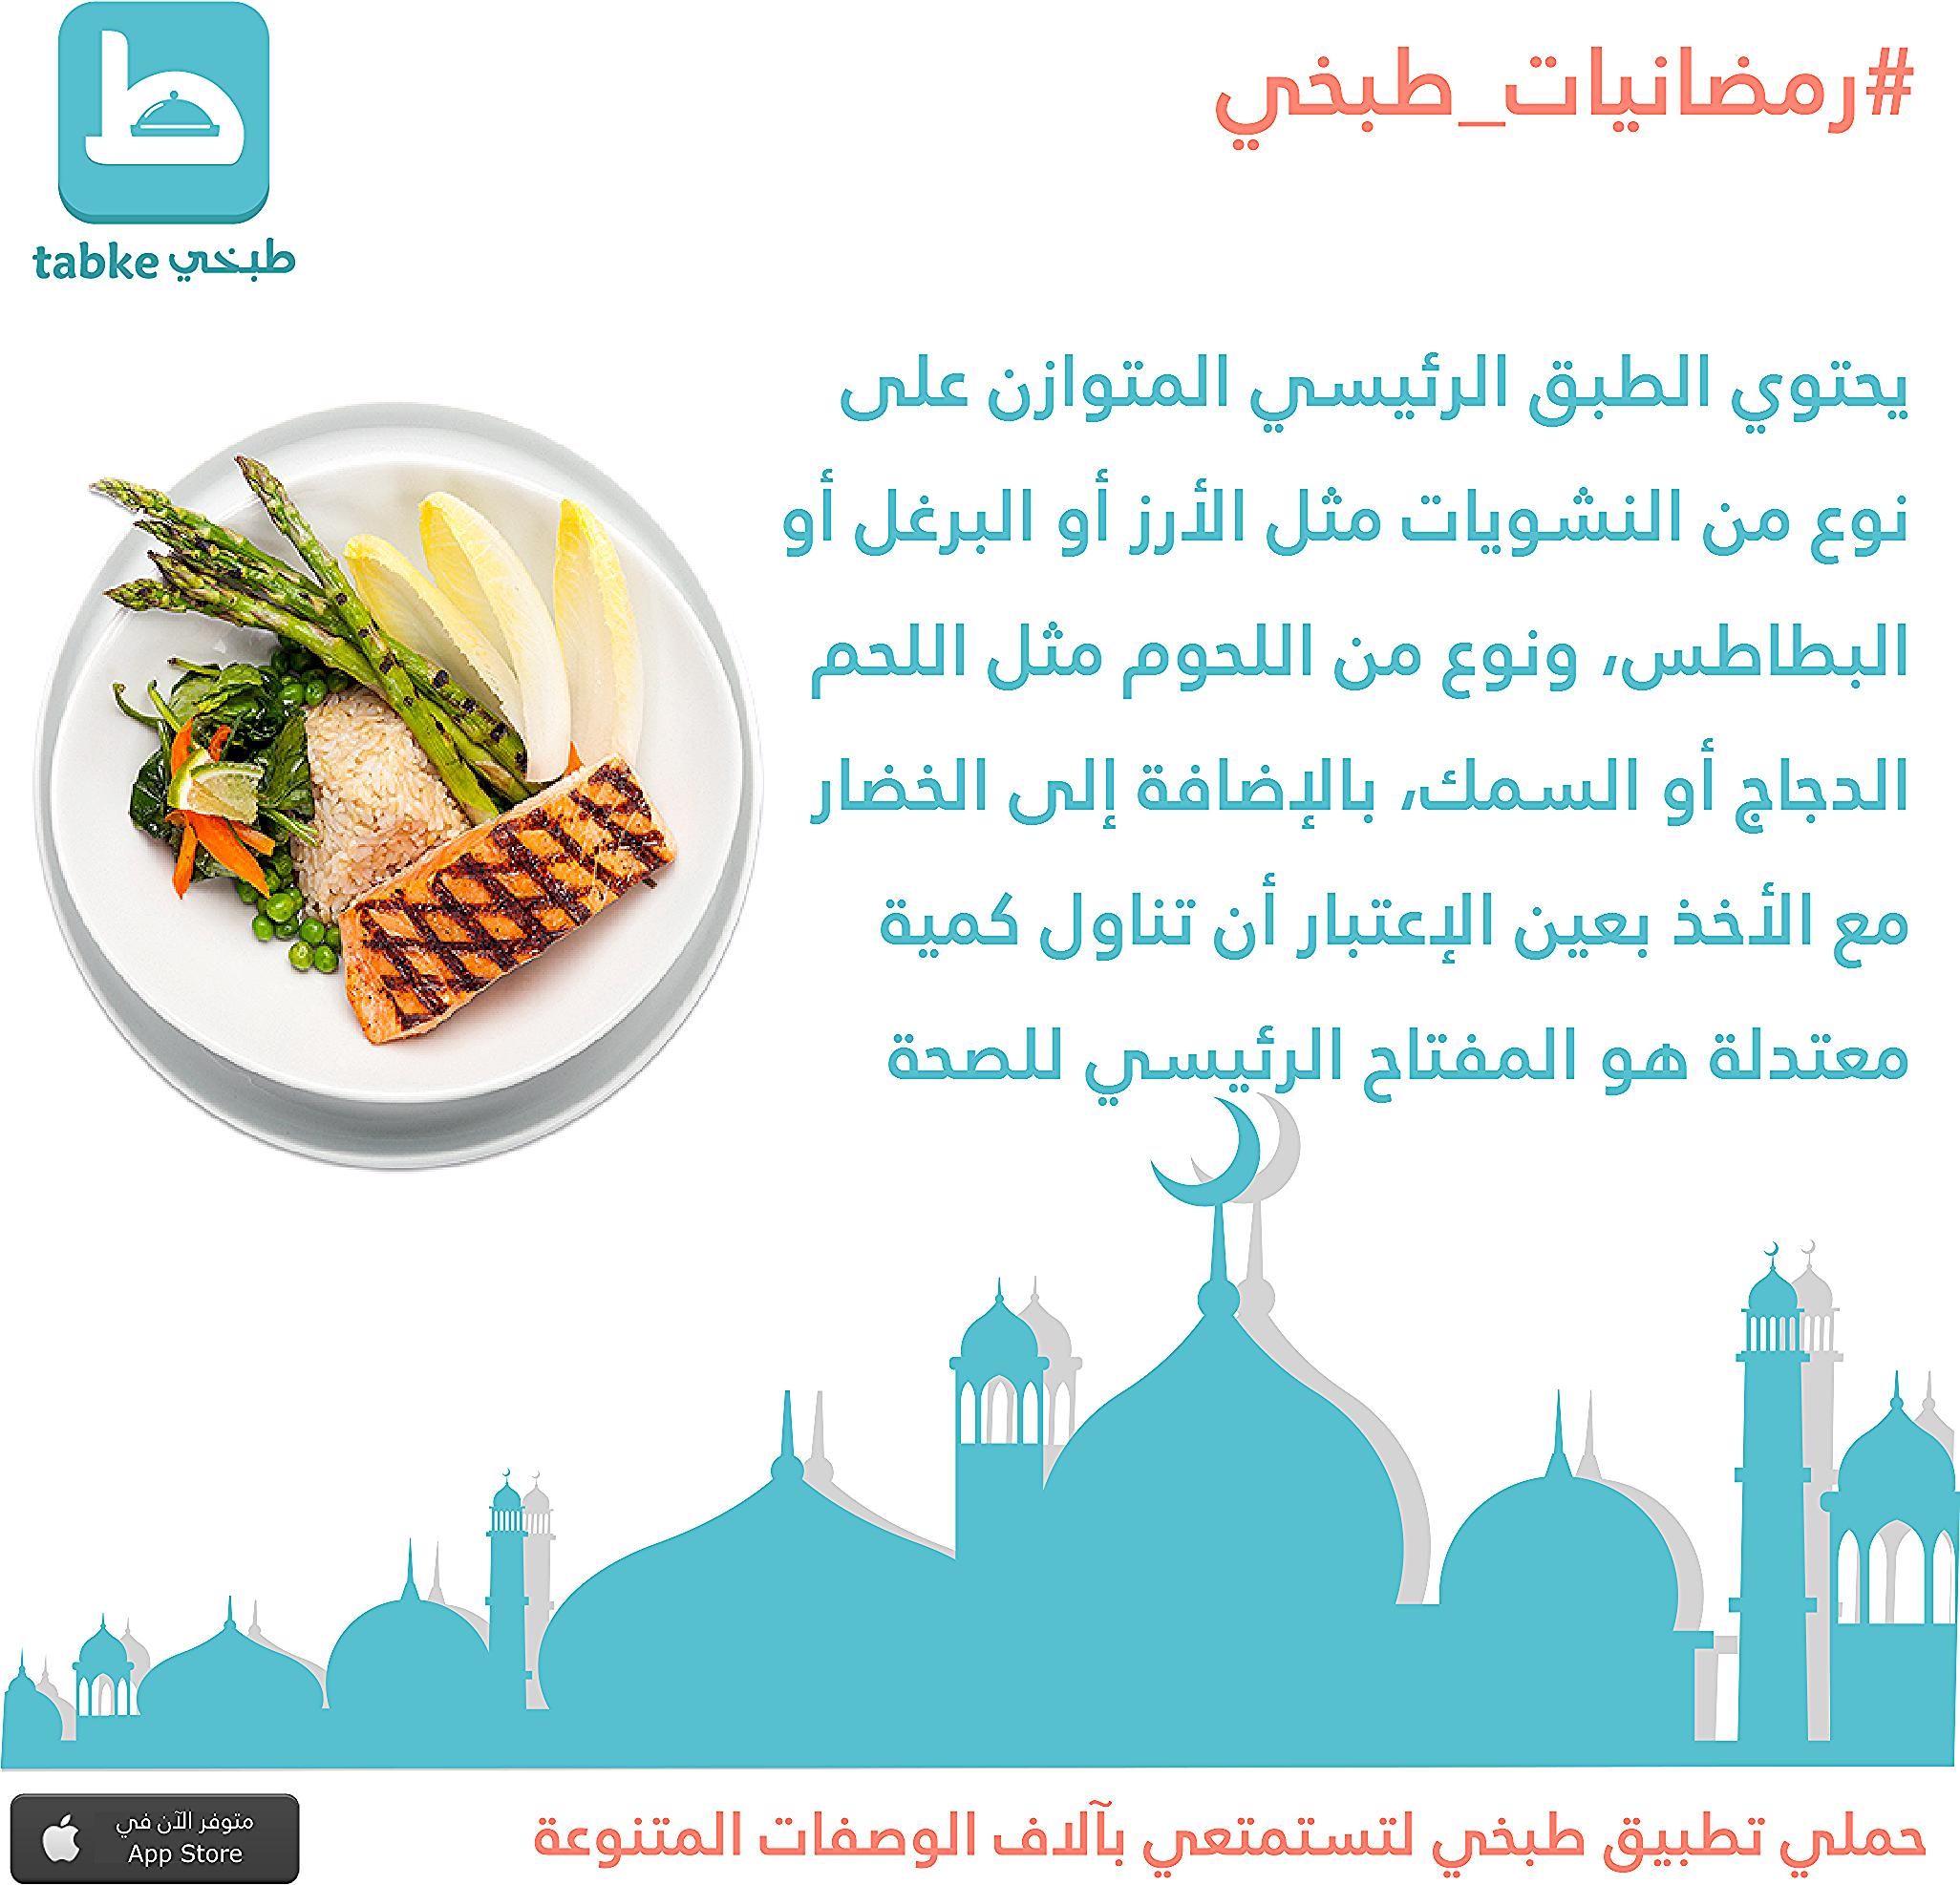 رمضانيات طبخي وصفات رمضان وصفات طبخات أطباق رمضان طبخي Food Jjill Fruit